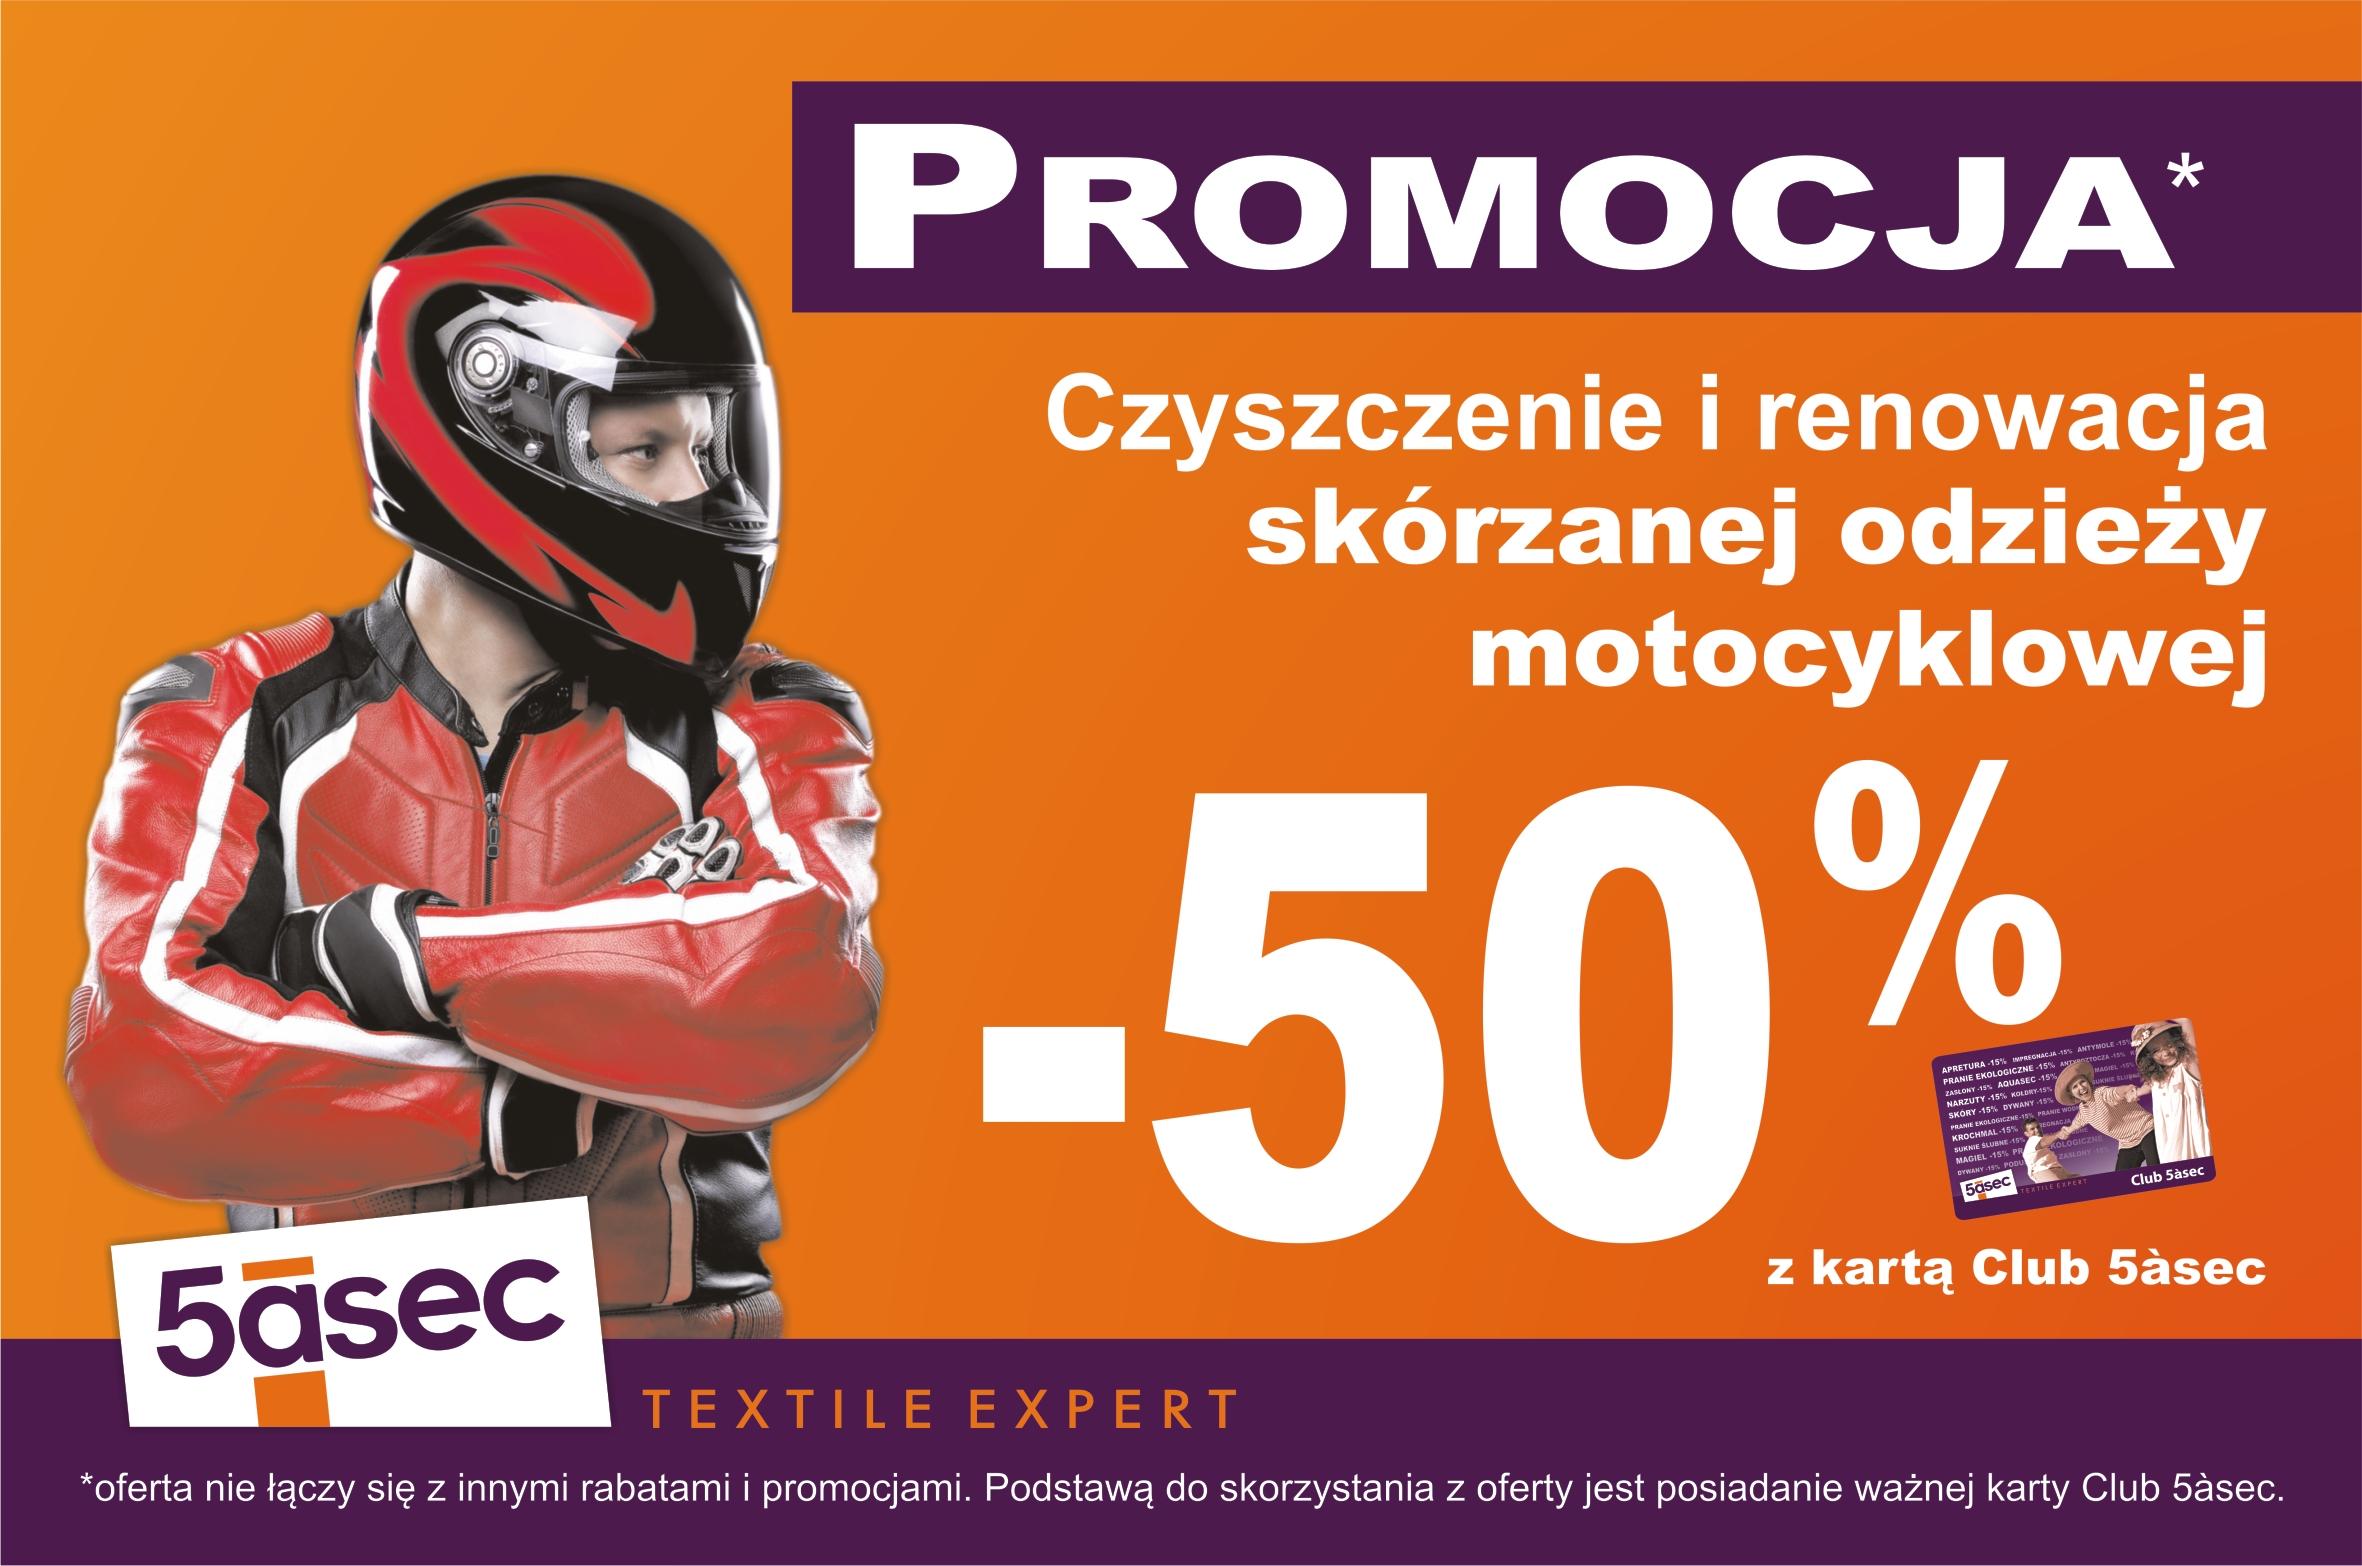 -50% na czyszczenie i renowację odzieży motocyklowej @ 5asec